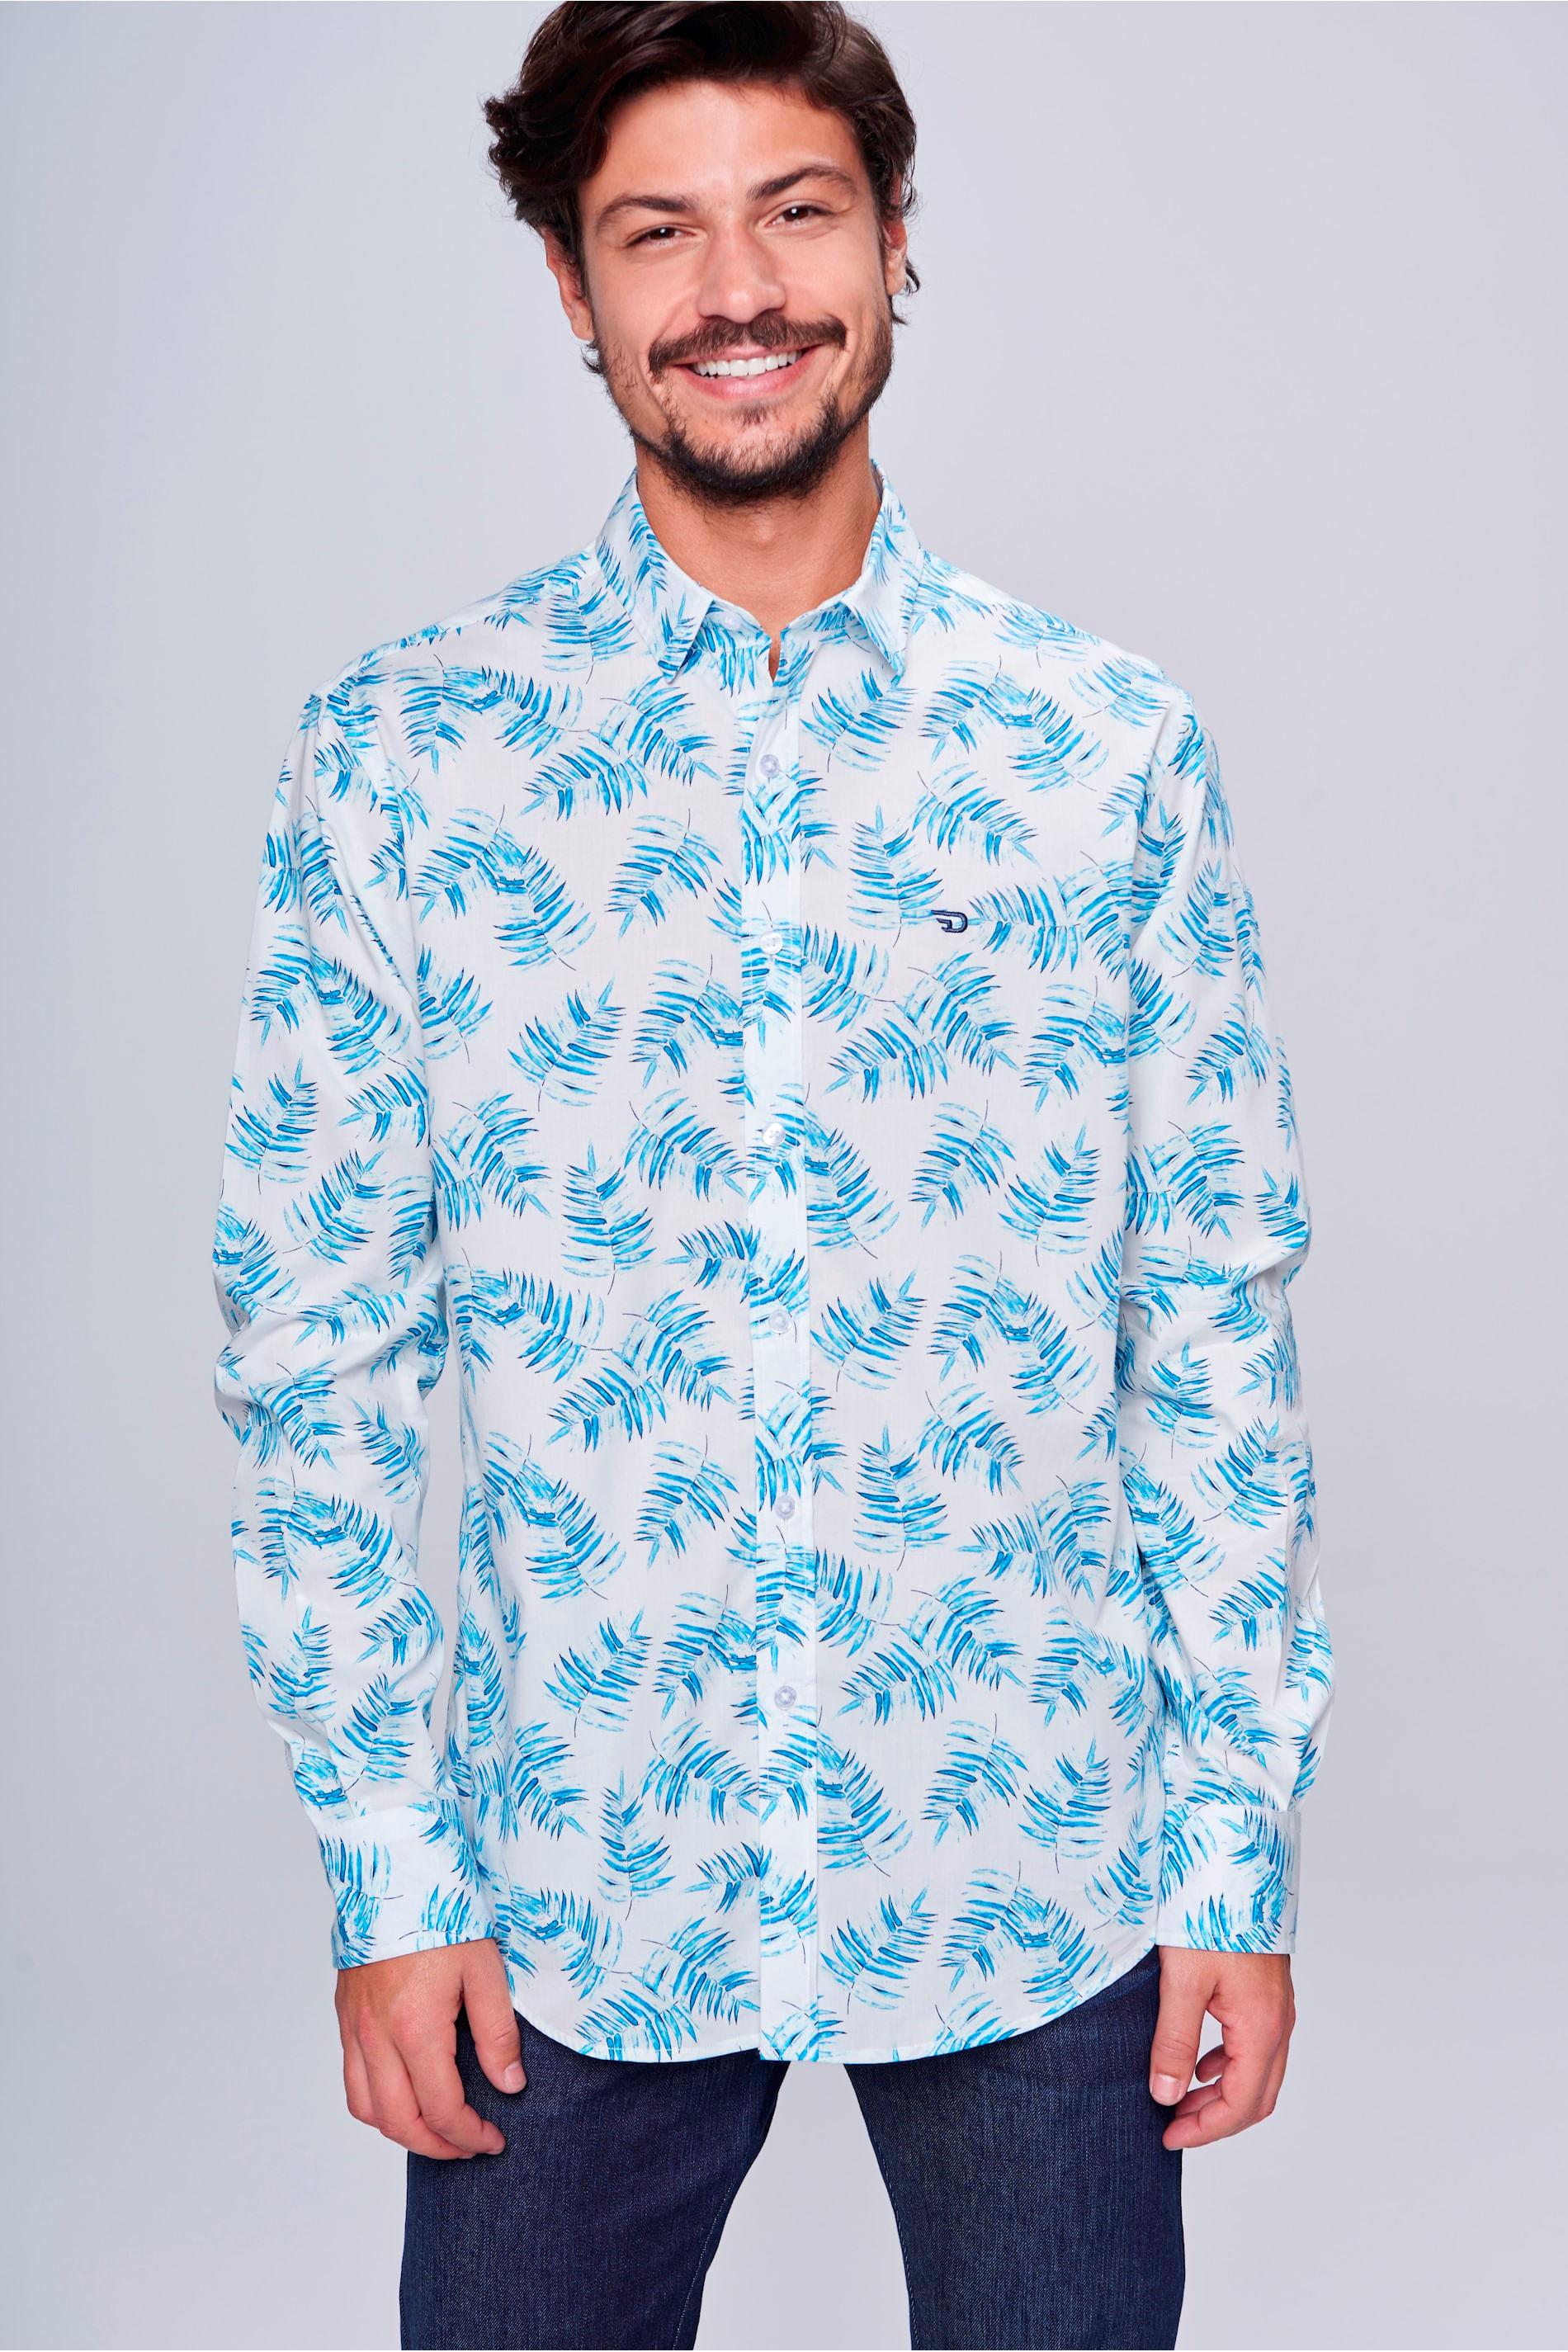 129a39d31d Camisa Social Estampada Masculina - Damyller